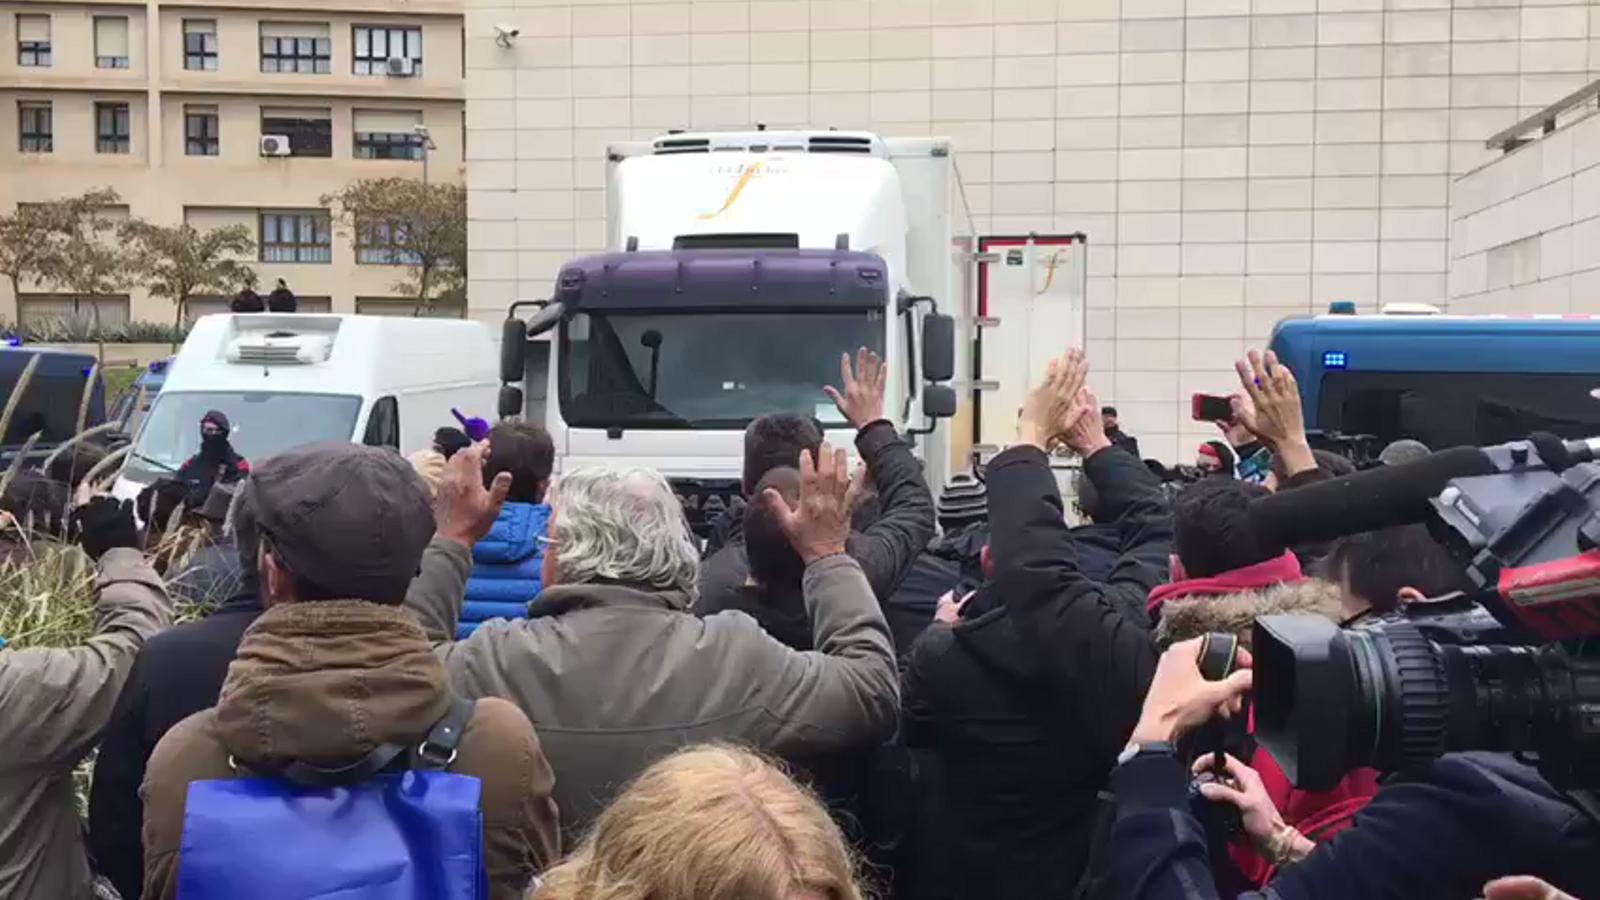 La Guàrdia Civil pren posicions al costat del camió que ha de transportar les obres a Sixena